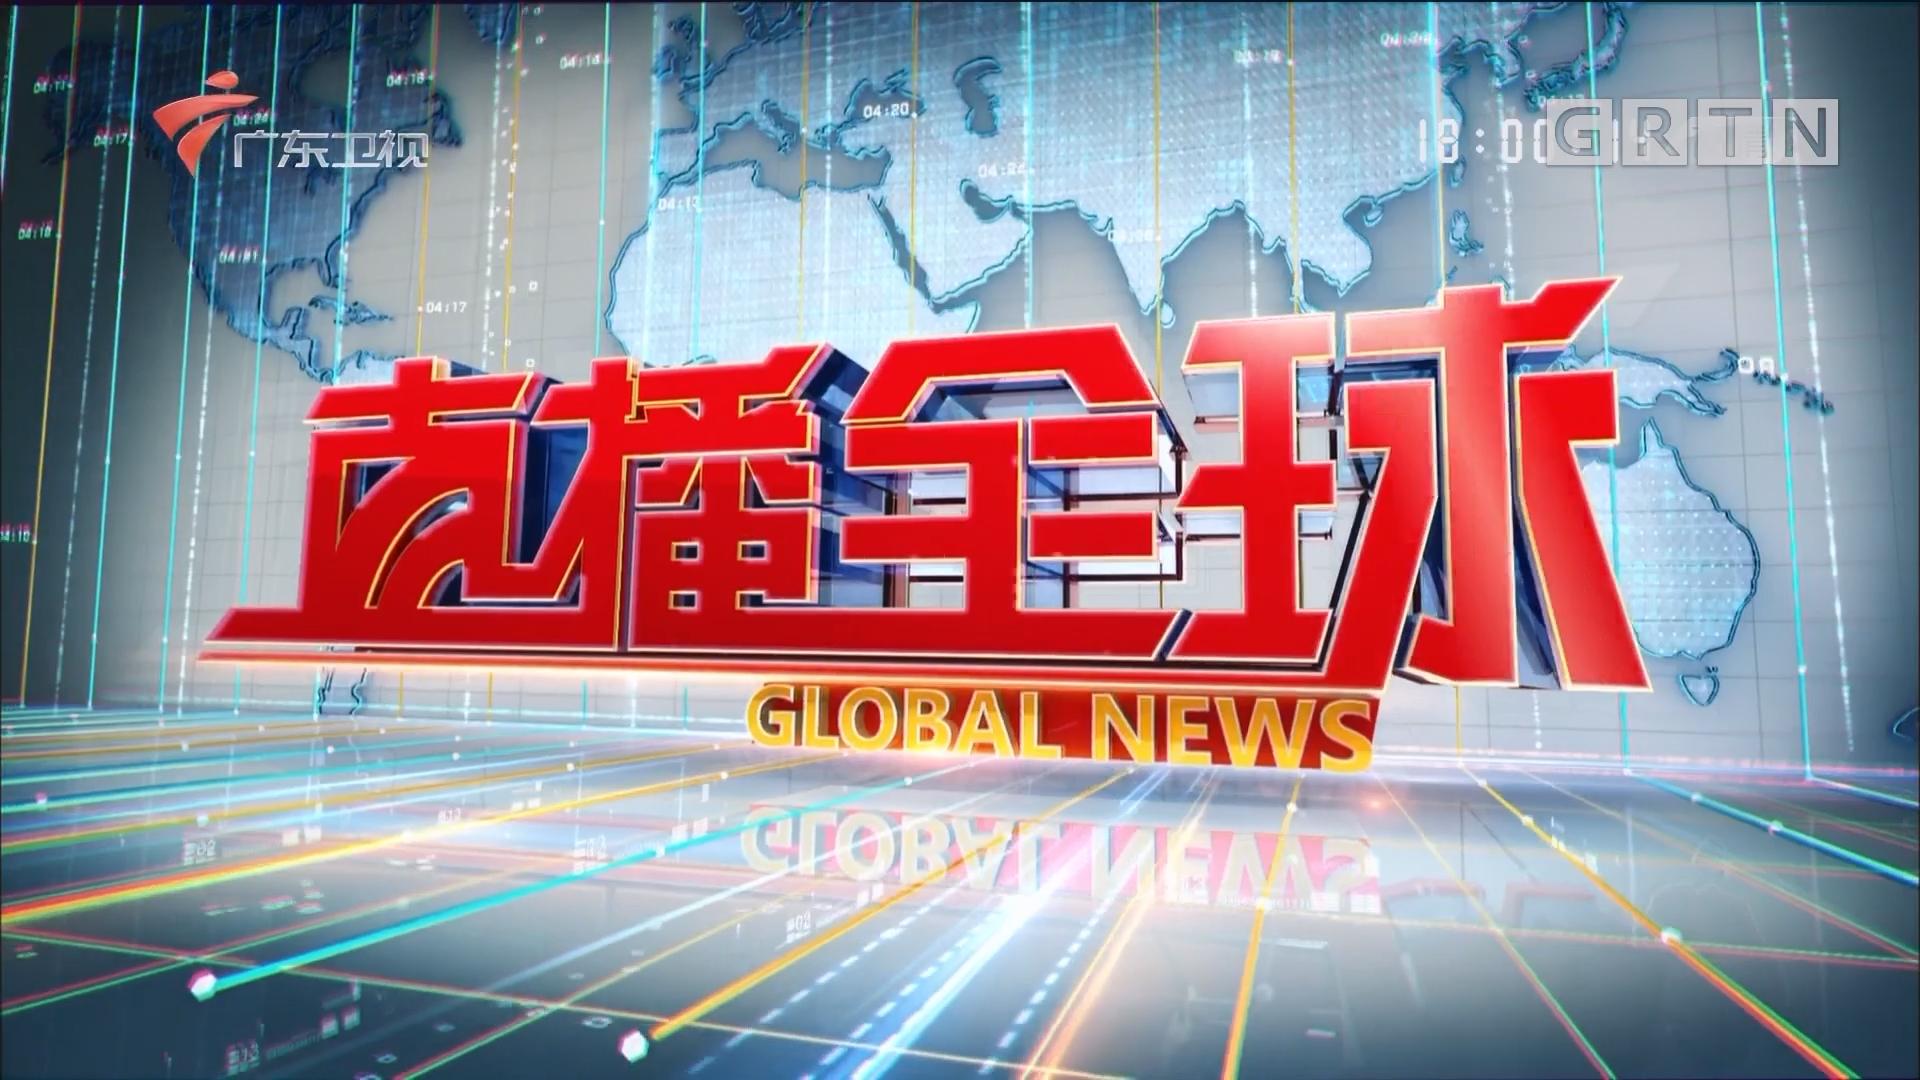 20170519《直播全球》习近平会见韩国总统特使李海瓒 习近平:中方坚持实现朝鲜半岛无核化